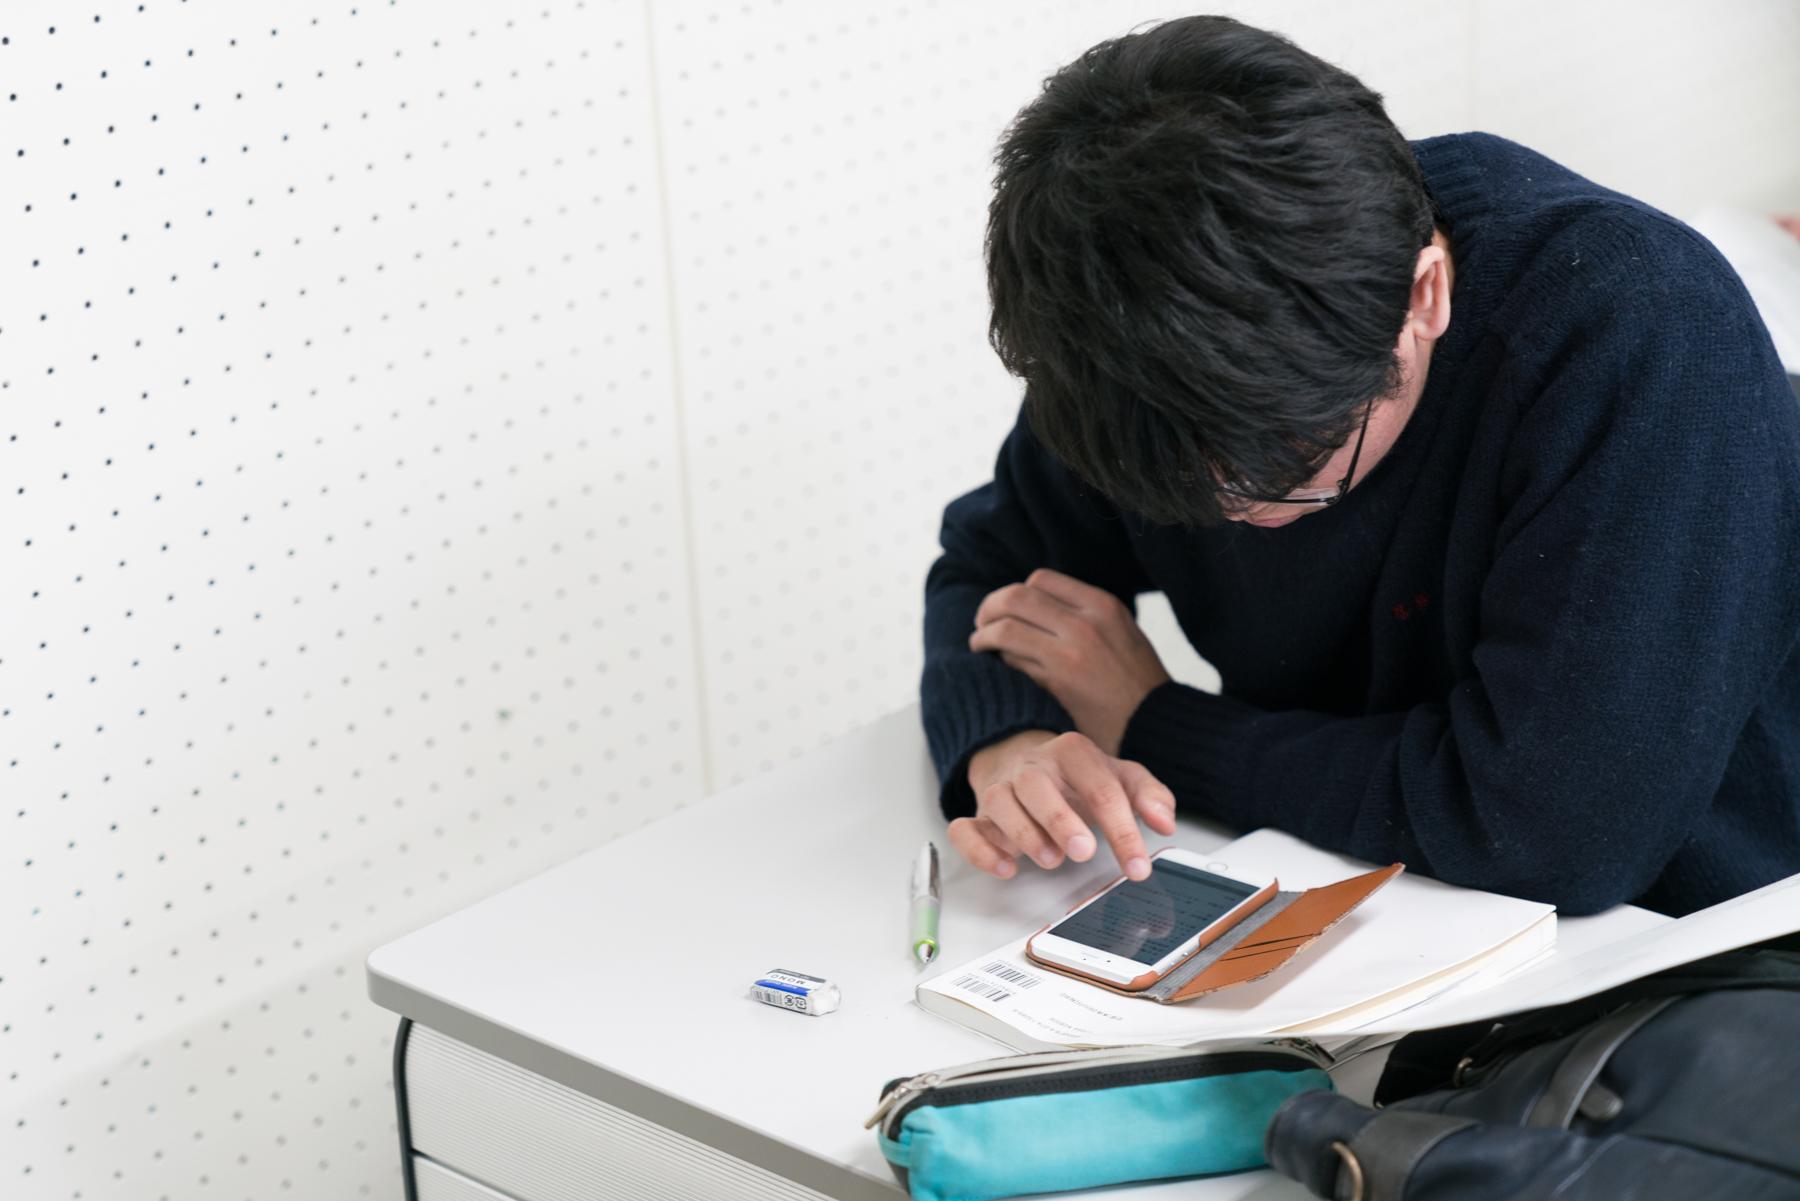 スマホのHandbookアプリから回答を送る学生